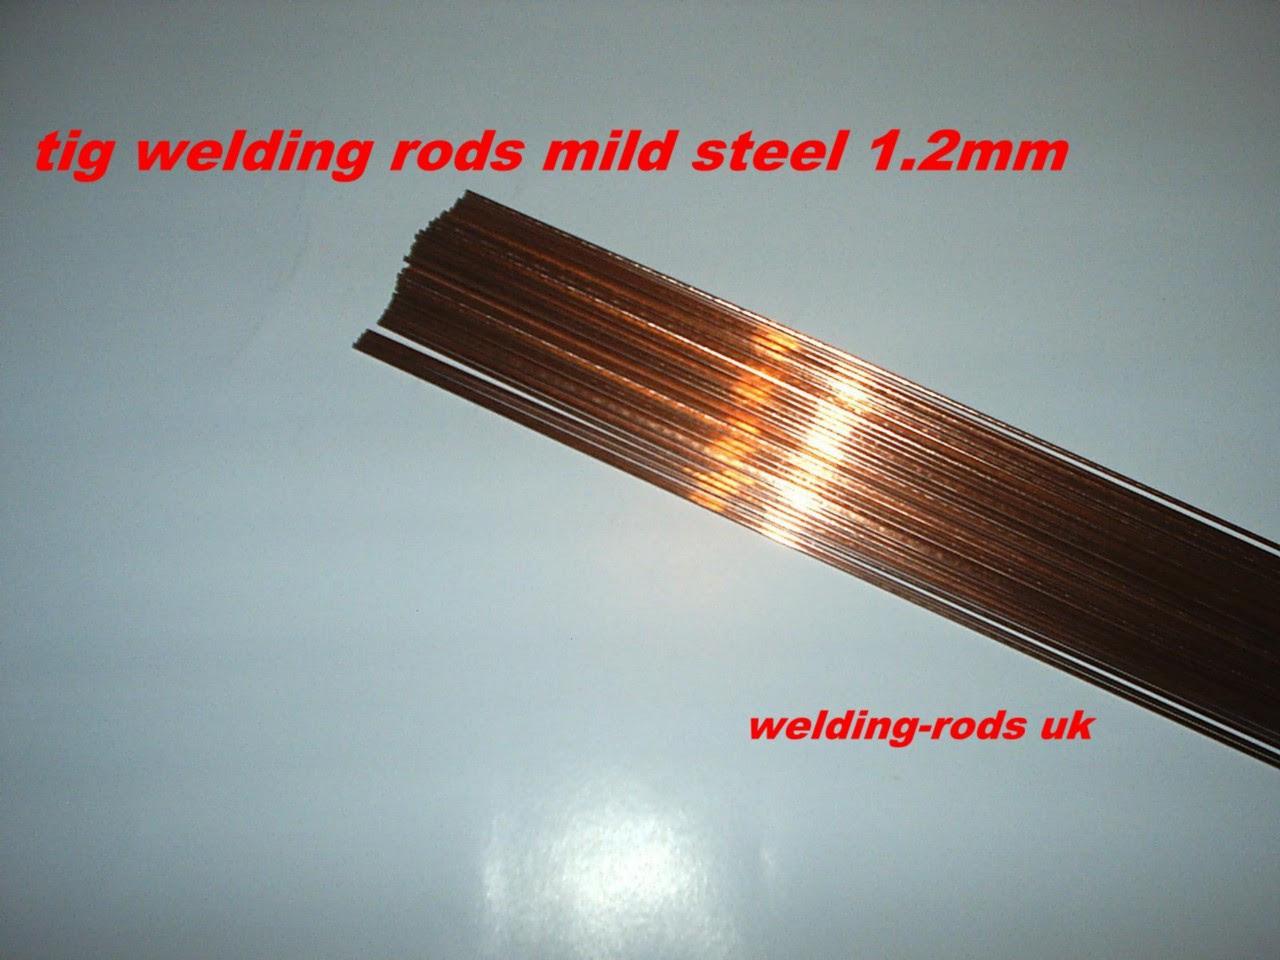 20 x tig welding rods 1.2mm mild steel